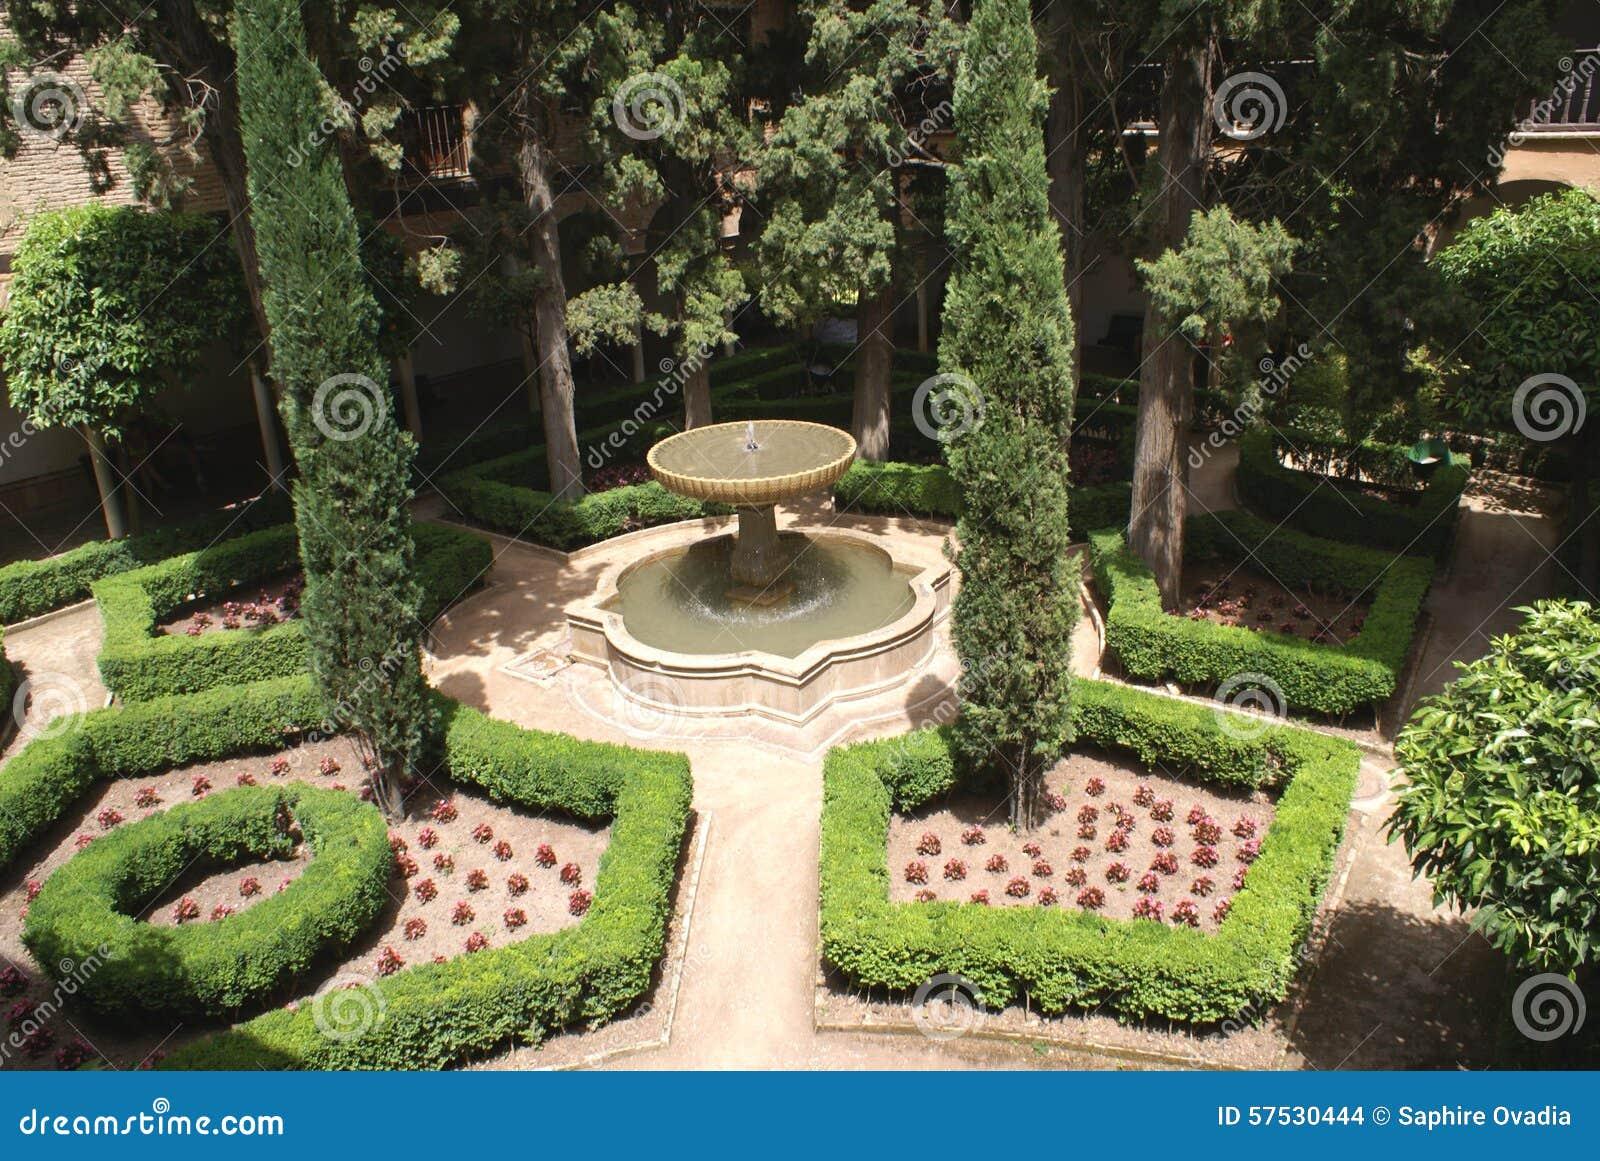 Fontaine au jardin de palais d 39 alhambra grenade for Au jardin des colibris avis